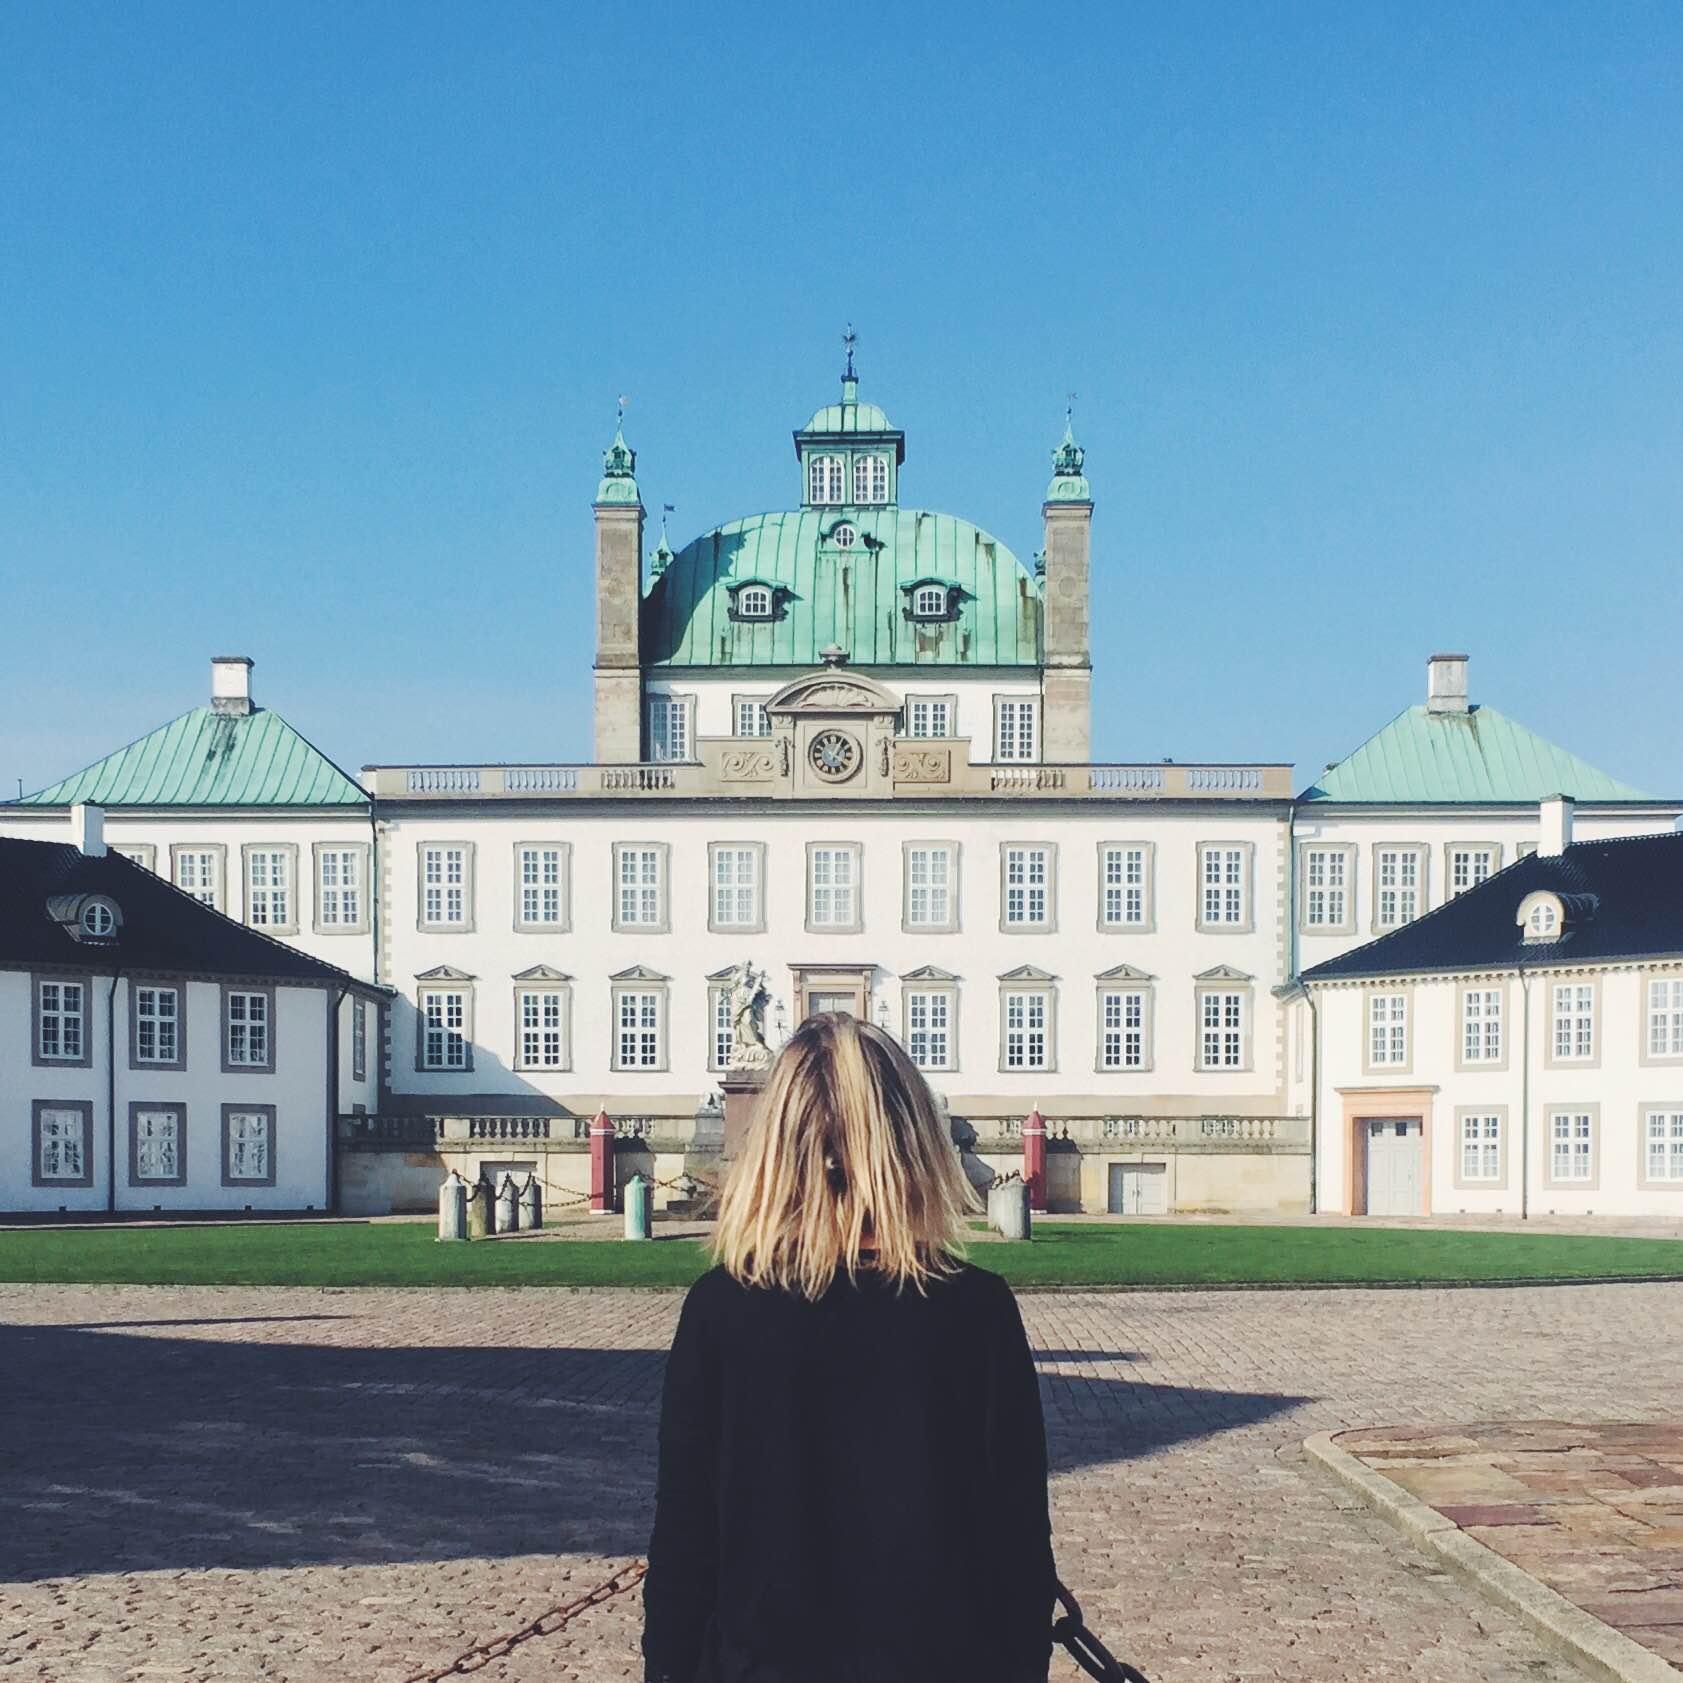 Stort hvidt slot i Fredensborg, Nordsjælland, Danmark.